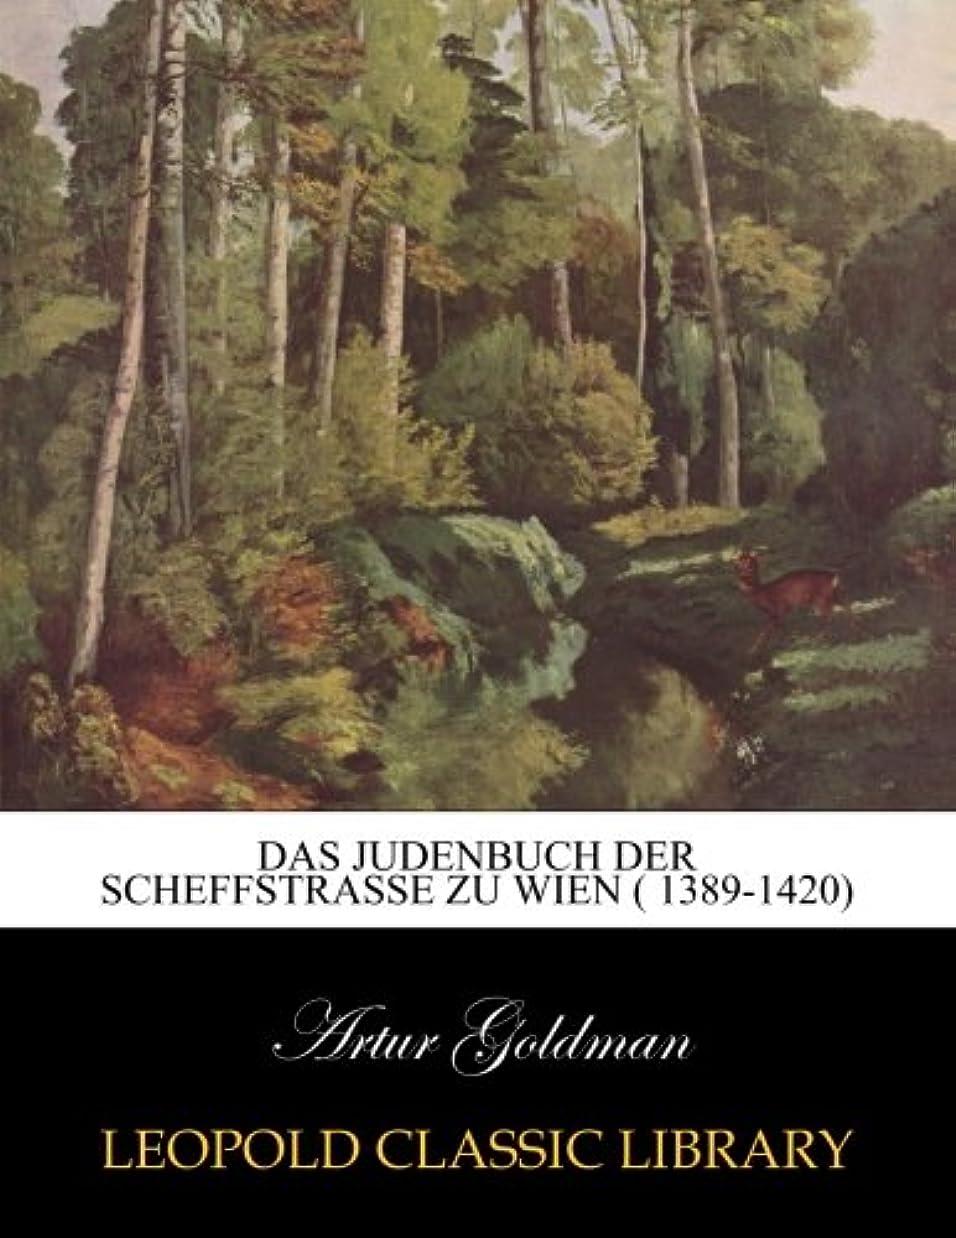 深さ即席うがいDas Judenbuch der scheffstrasse zu wien ( 1389-1420)